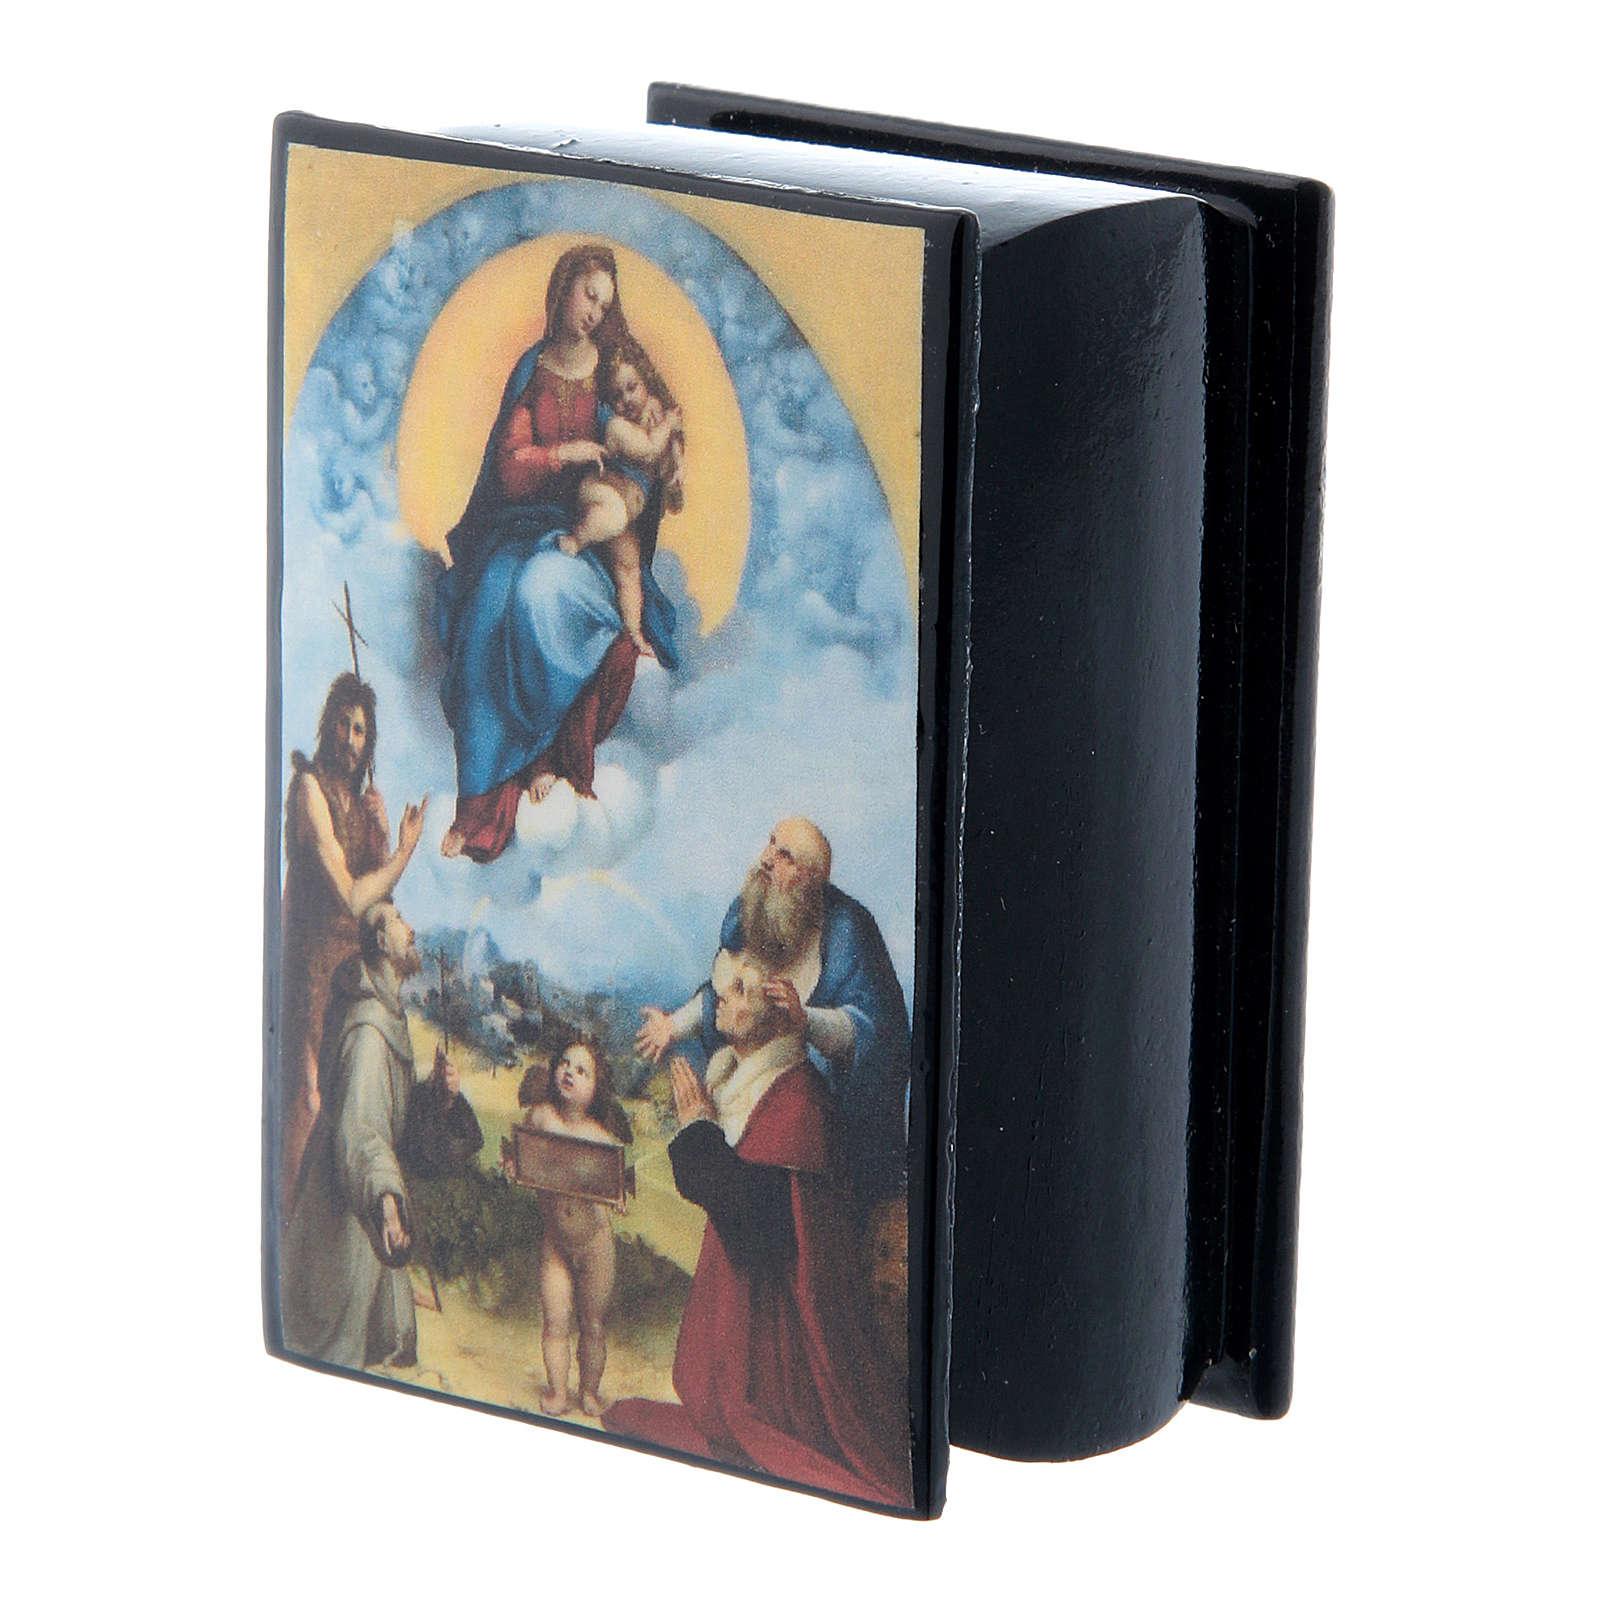 Russian papier-mâché and lacquer box Madonna of Foligno 7x5 cm 4